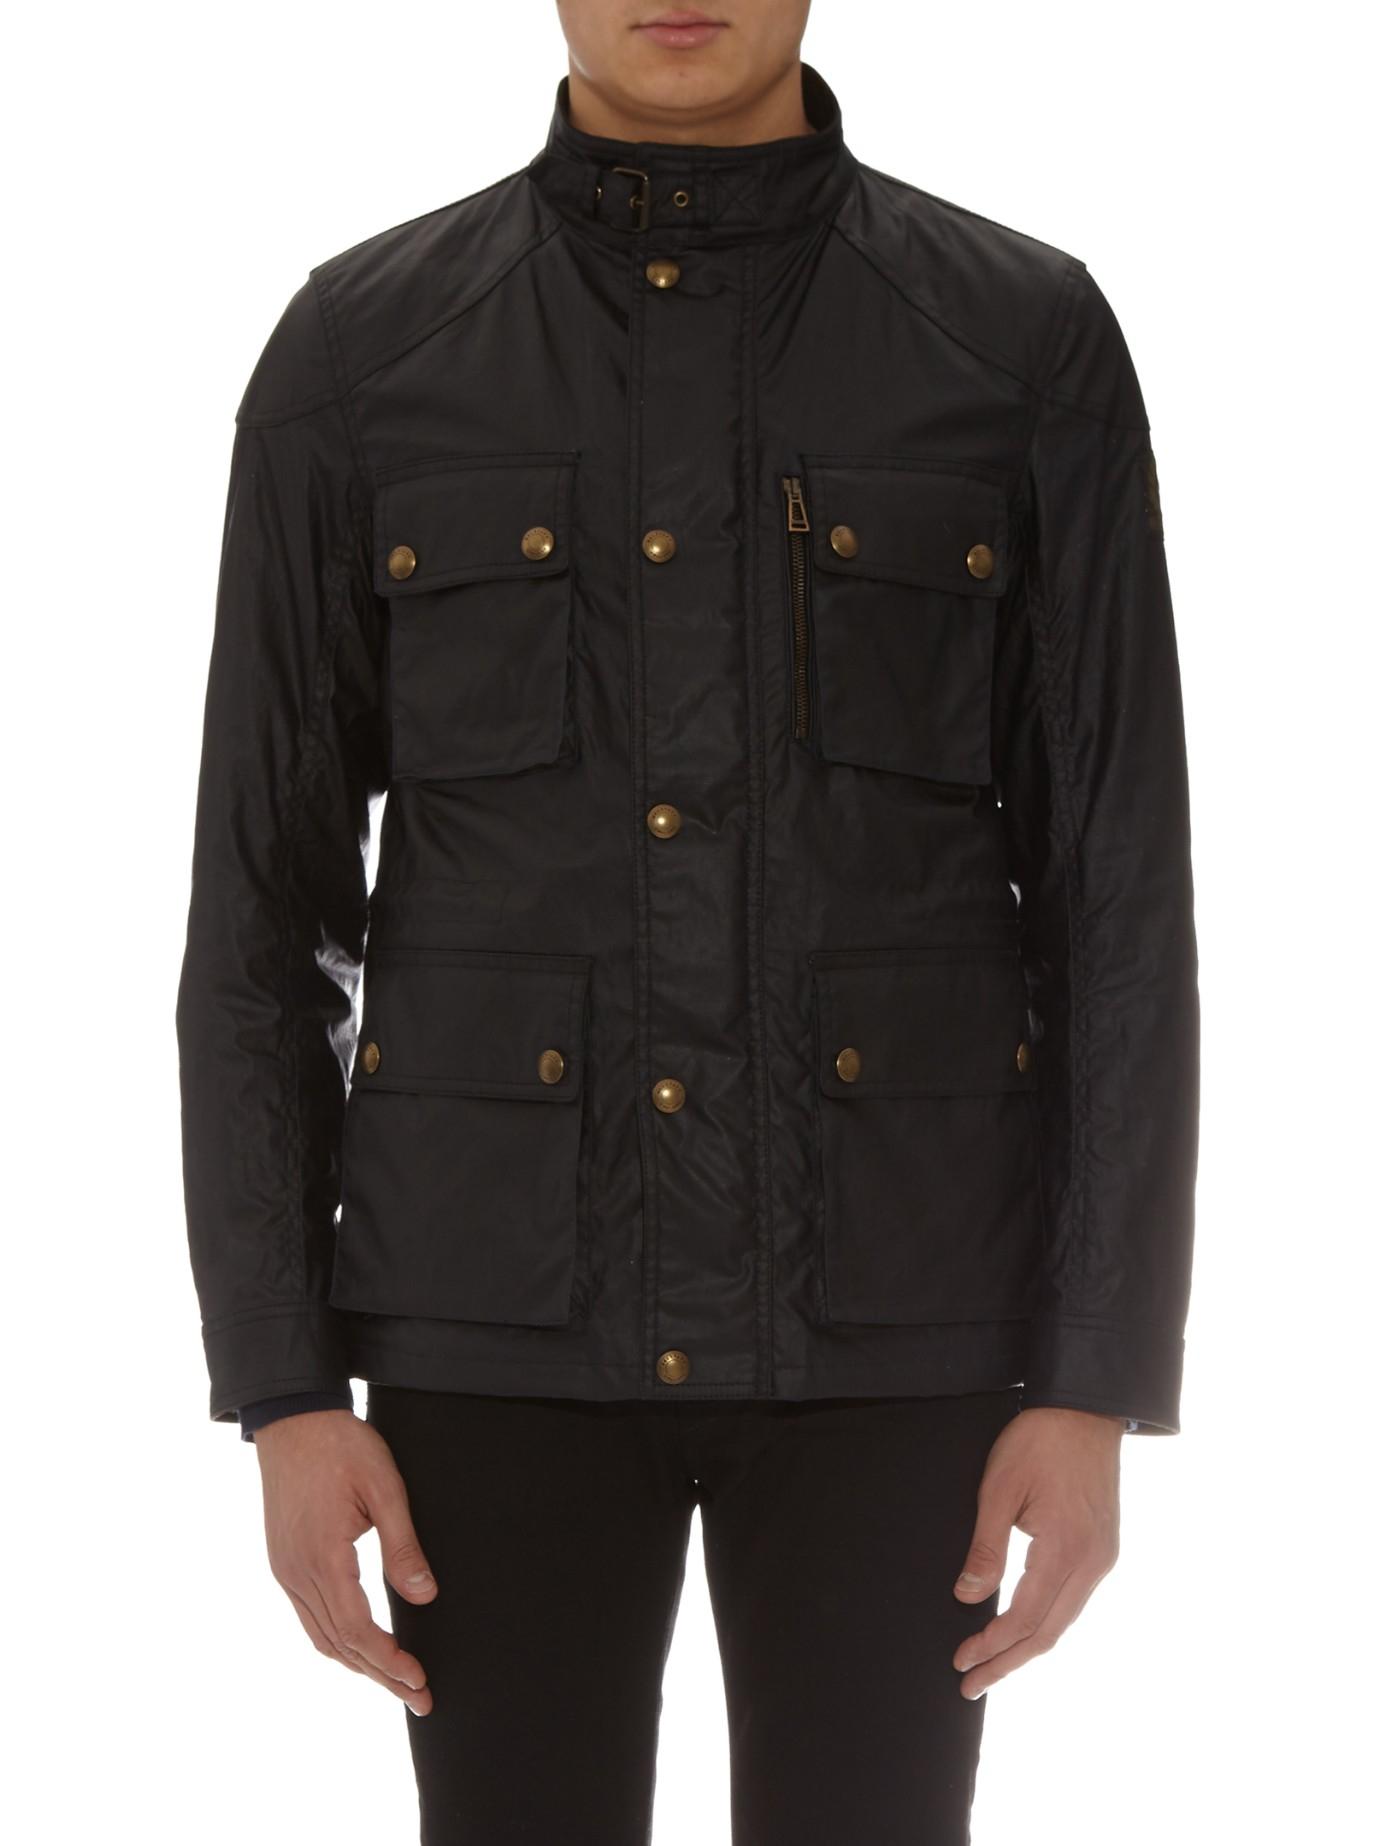 Belstaff Trialmaster Cotton Jacket